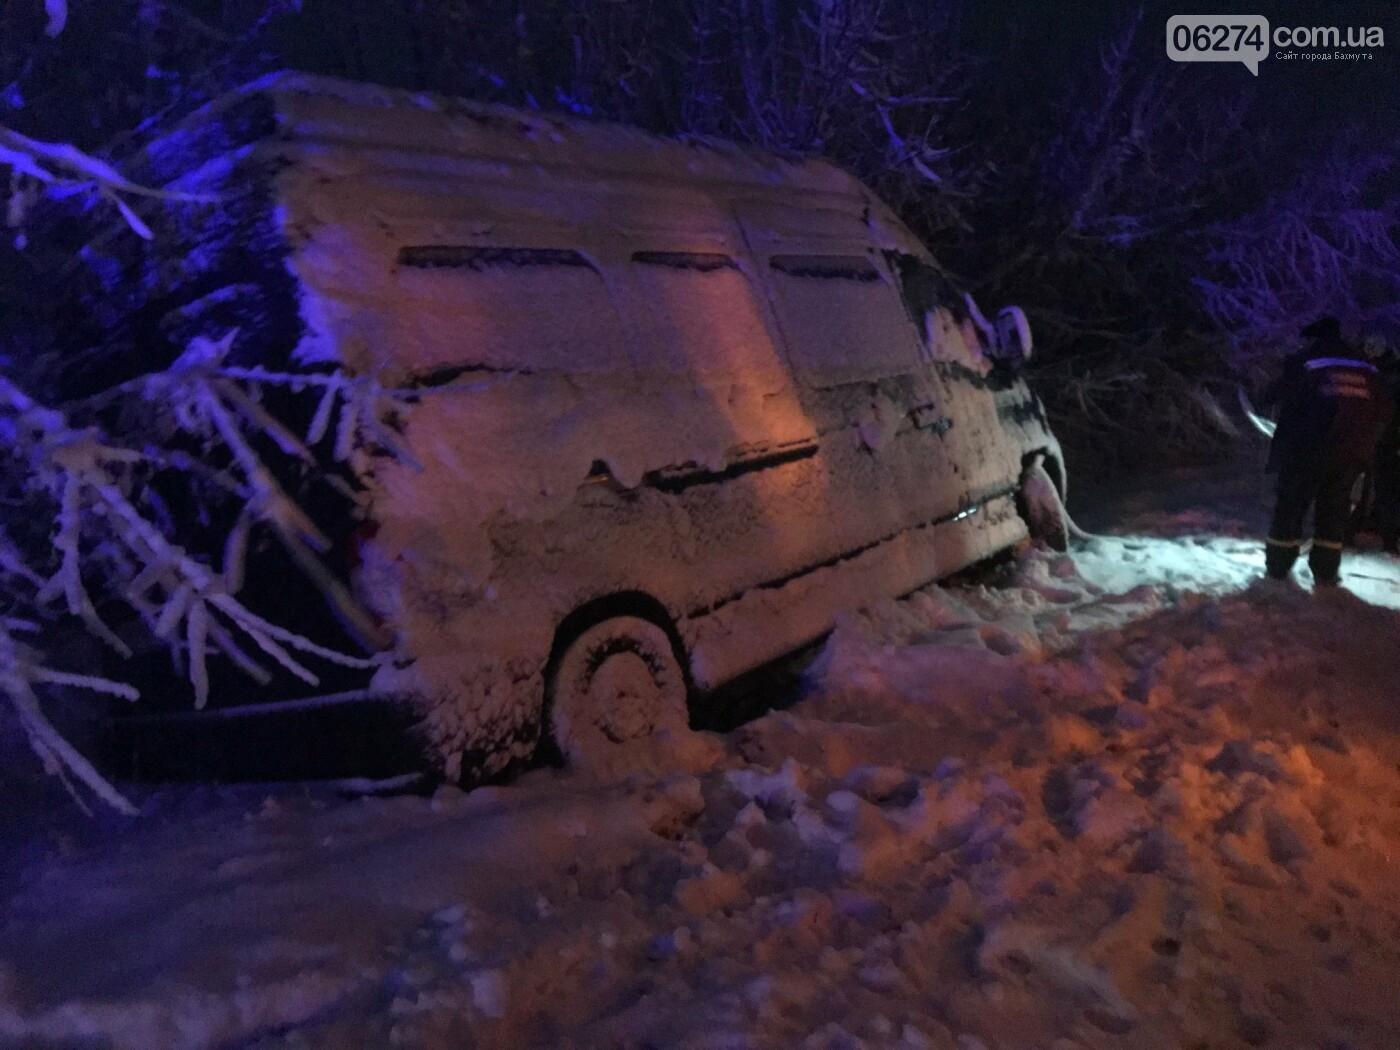 За сутки спасатели Донетчины оказали помощь водителям и пассажирам 45 транспортных средств, фото-3